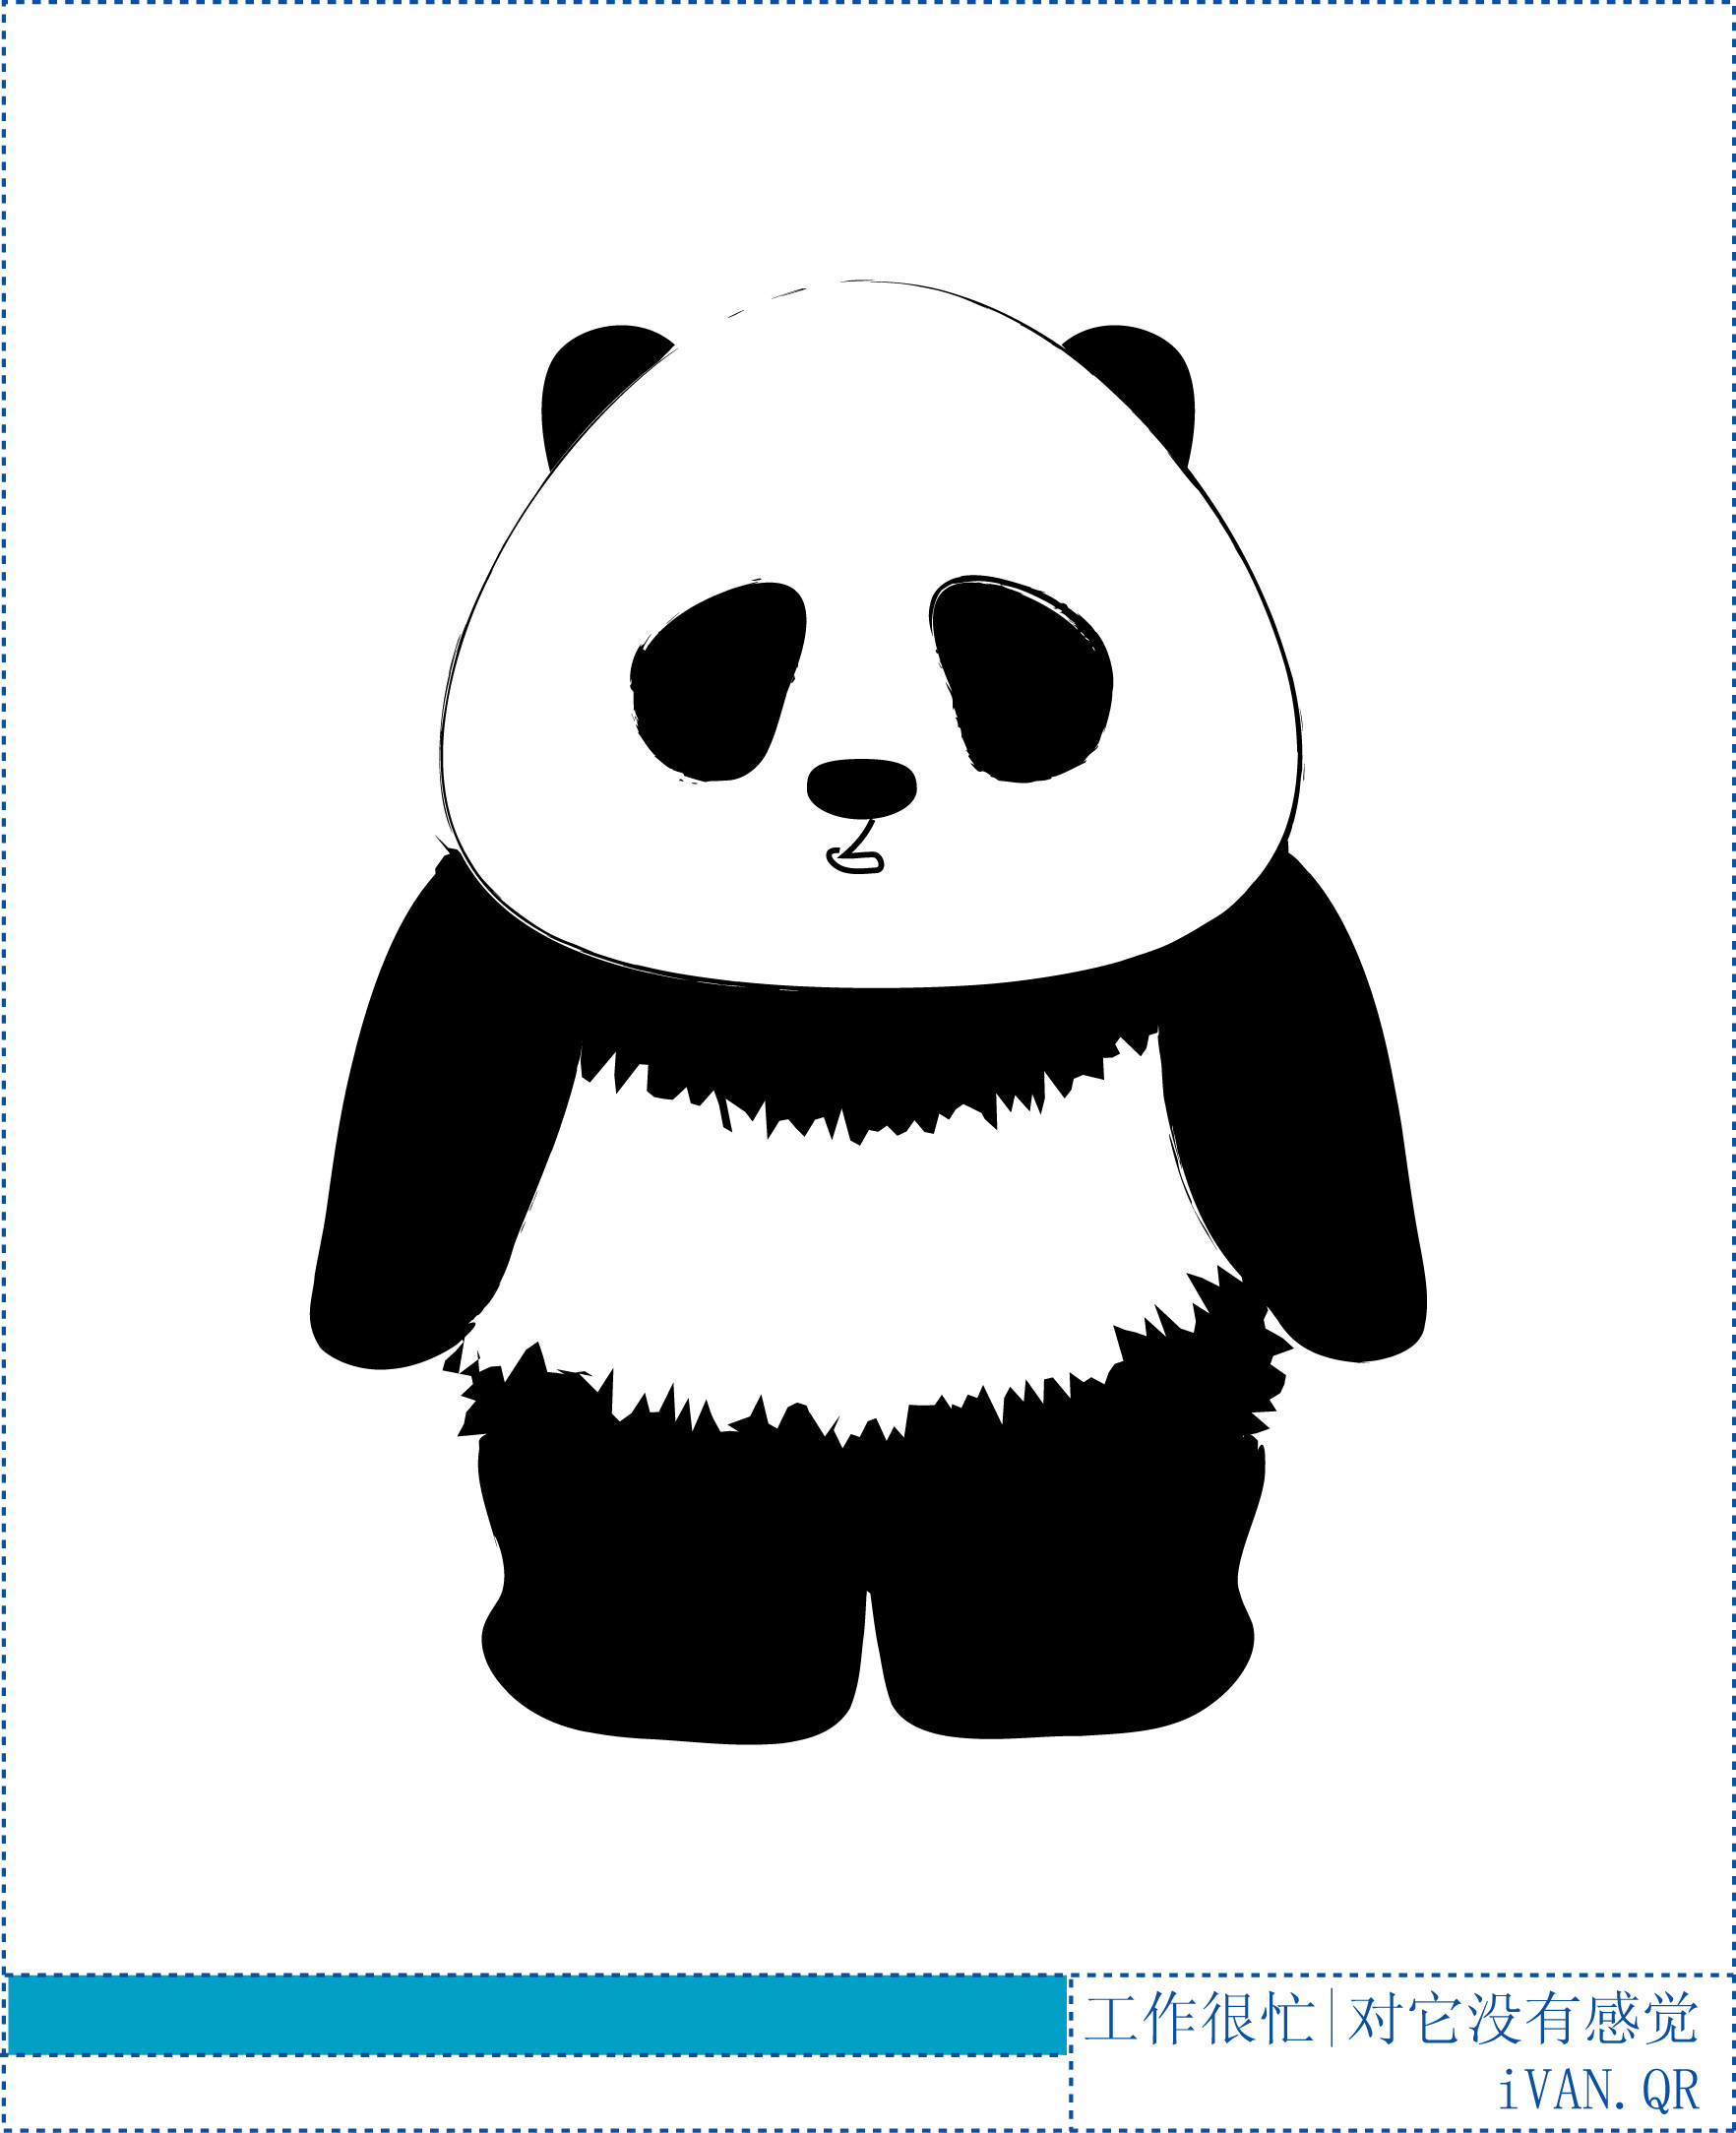 大熊猫产品形象设计